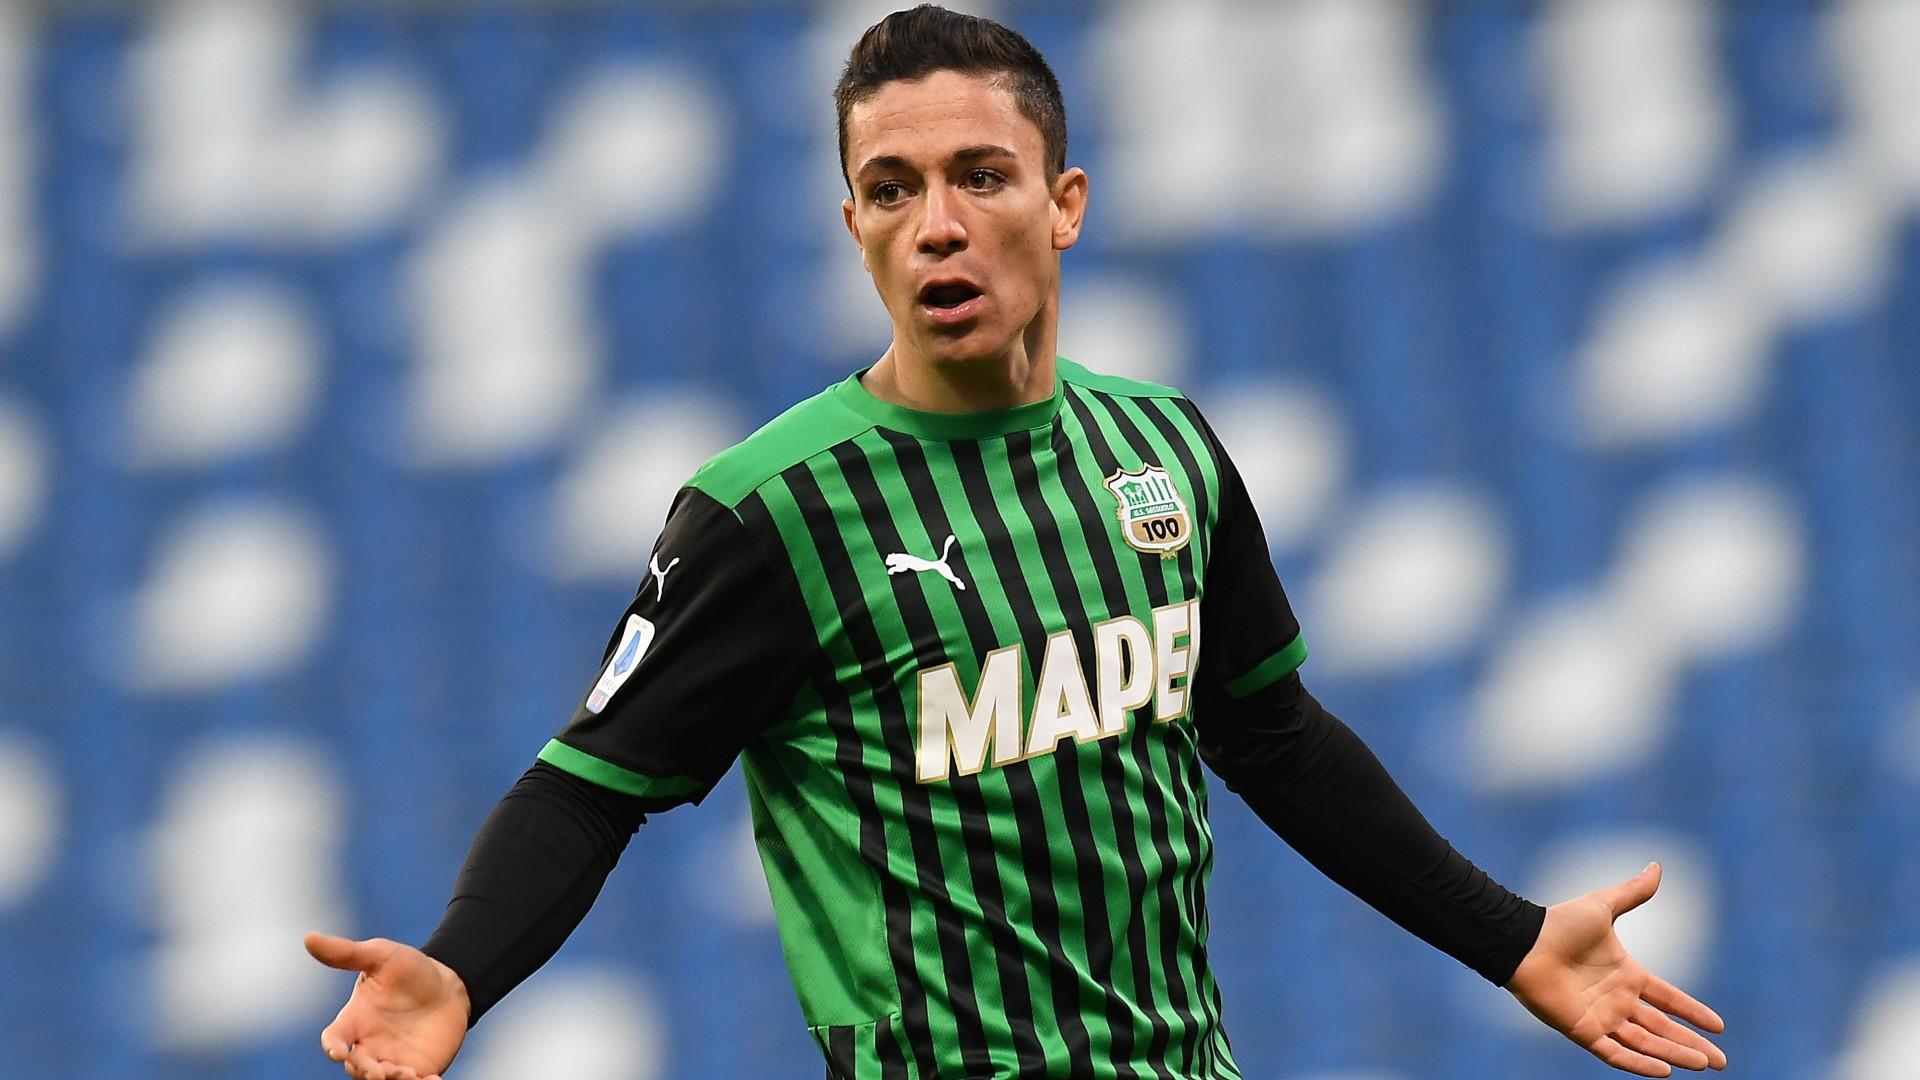 Sassuolo-Fiorentina, le formazioni ufficiali: Raspadori titolare